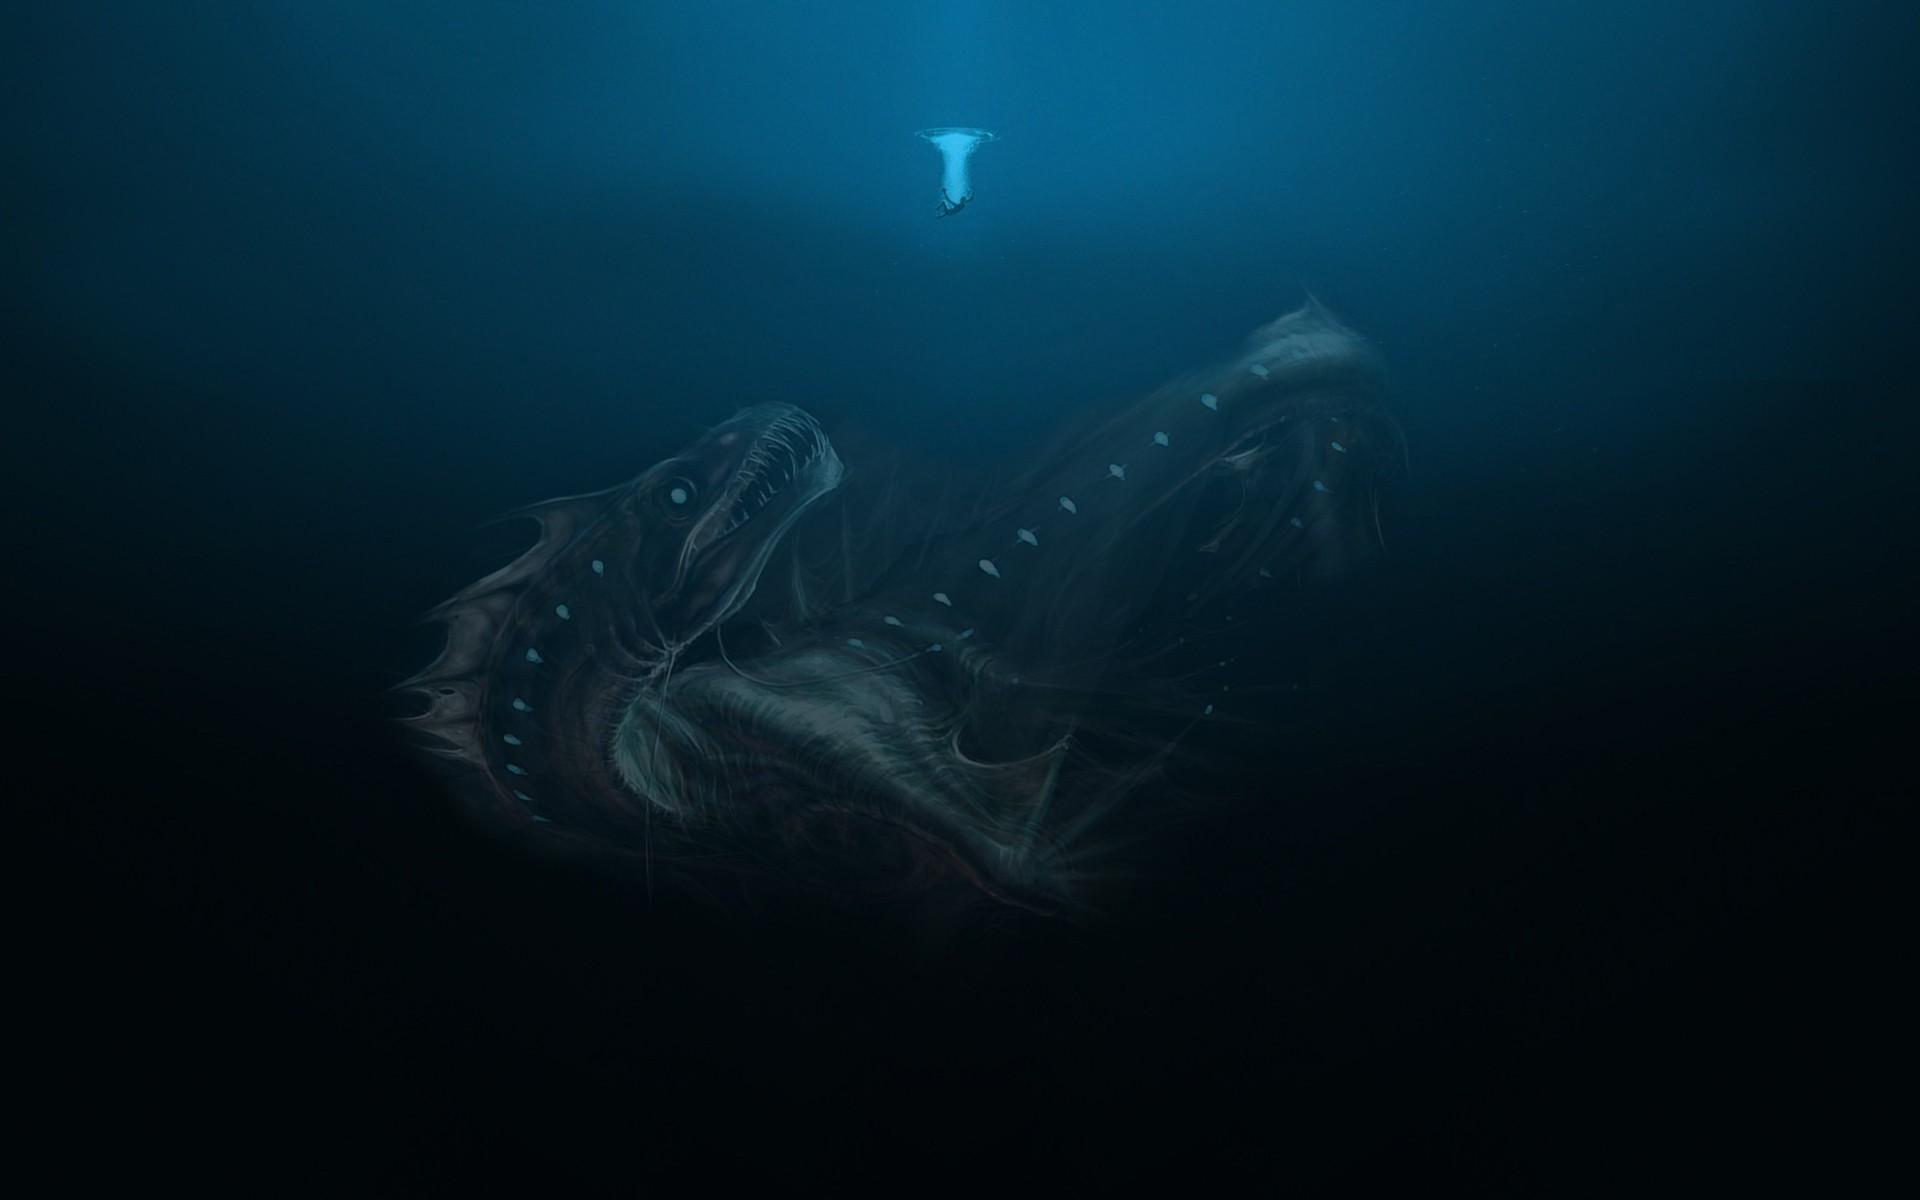 underwater Deep sea Sea monsters Wallpapers HD Desktop 1920x1200